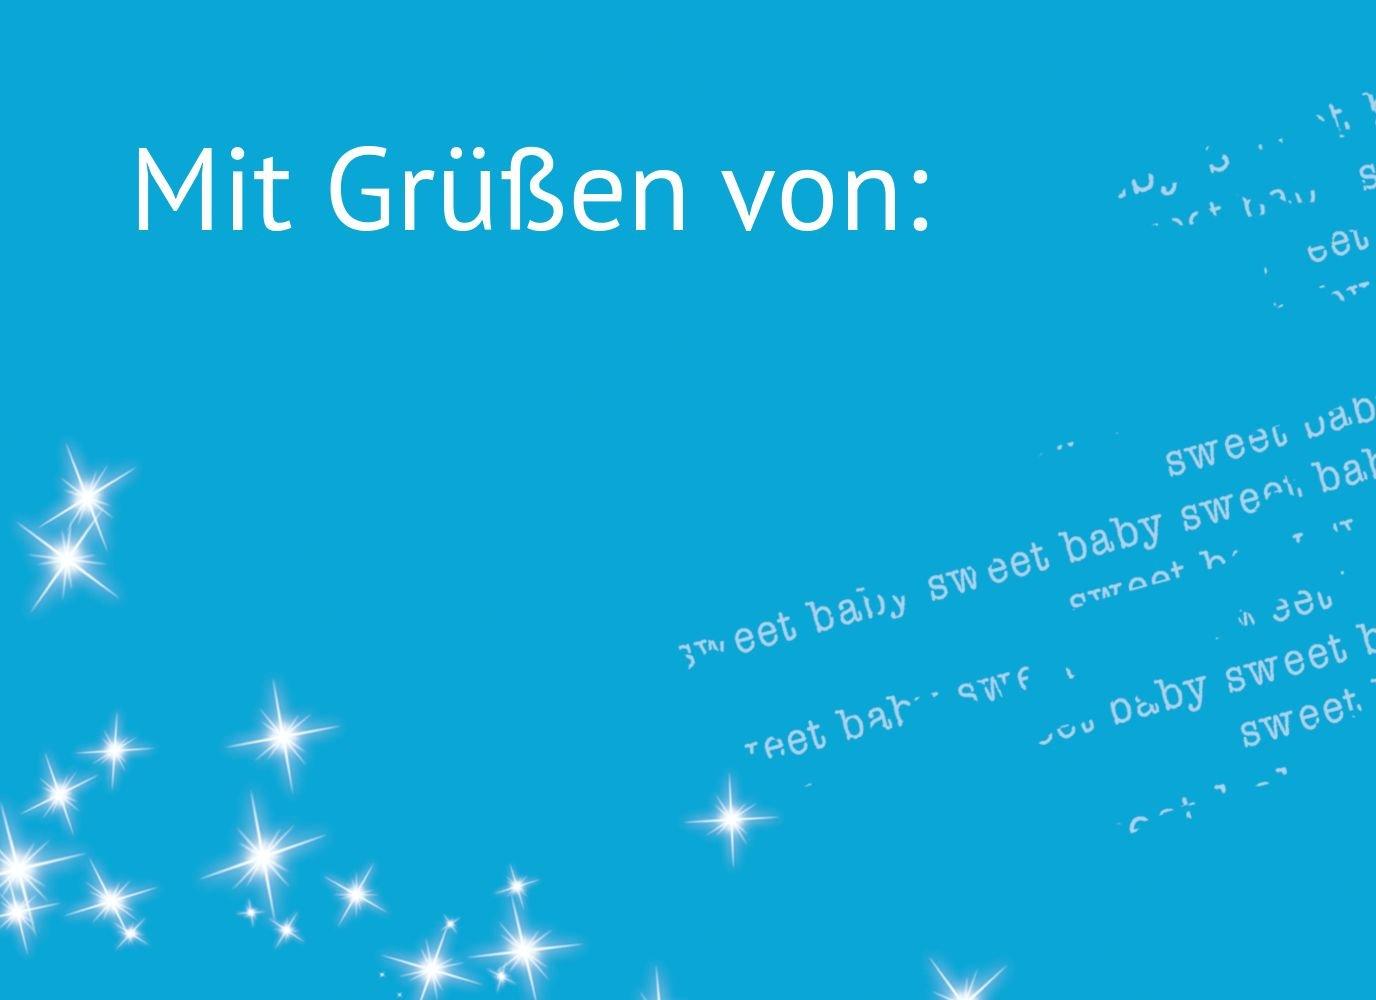 Kartenparadies Danksagung für Geburt Baby Dankeskarte Dankeskarte Dankeskarte Star, hochwertige Danksagungskarte Baby inklusive Umschläge   10 Karten - (Format  148x105 mm) Farbe  RosaRosa B01MZFQ508 | Charakteristisch  | Grüne, neue Technologie  | Qualität und Quant 161d38